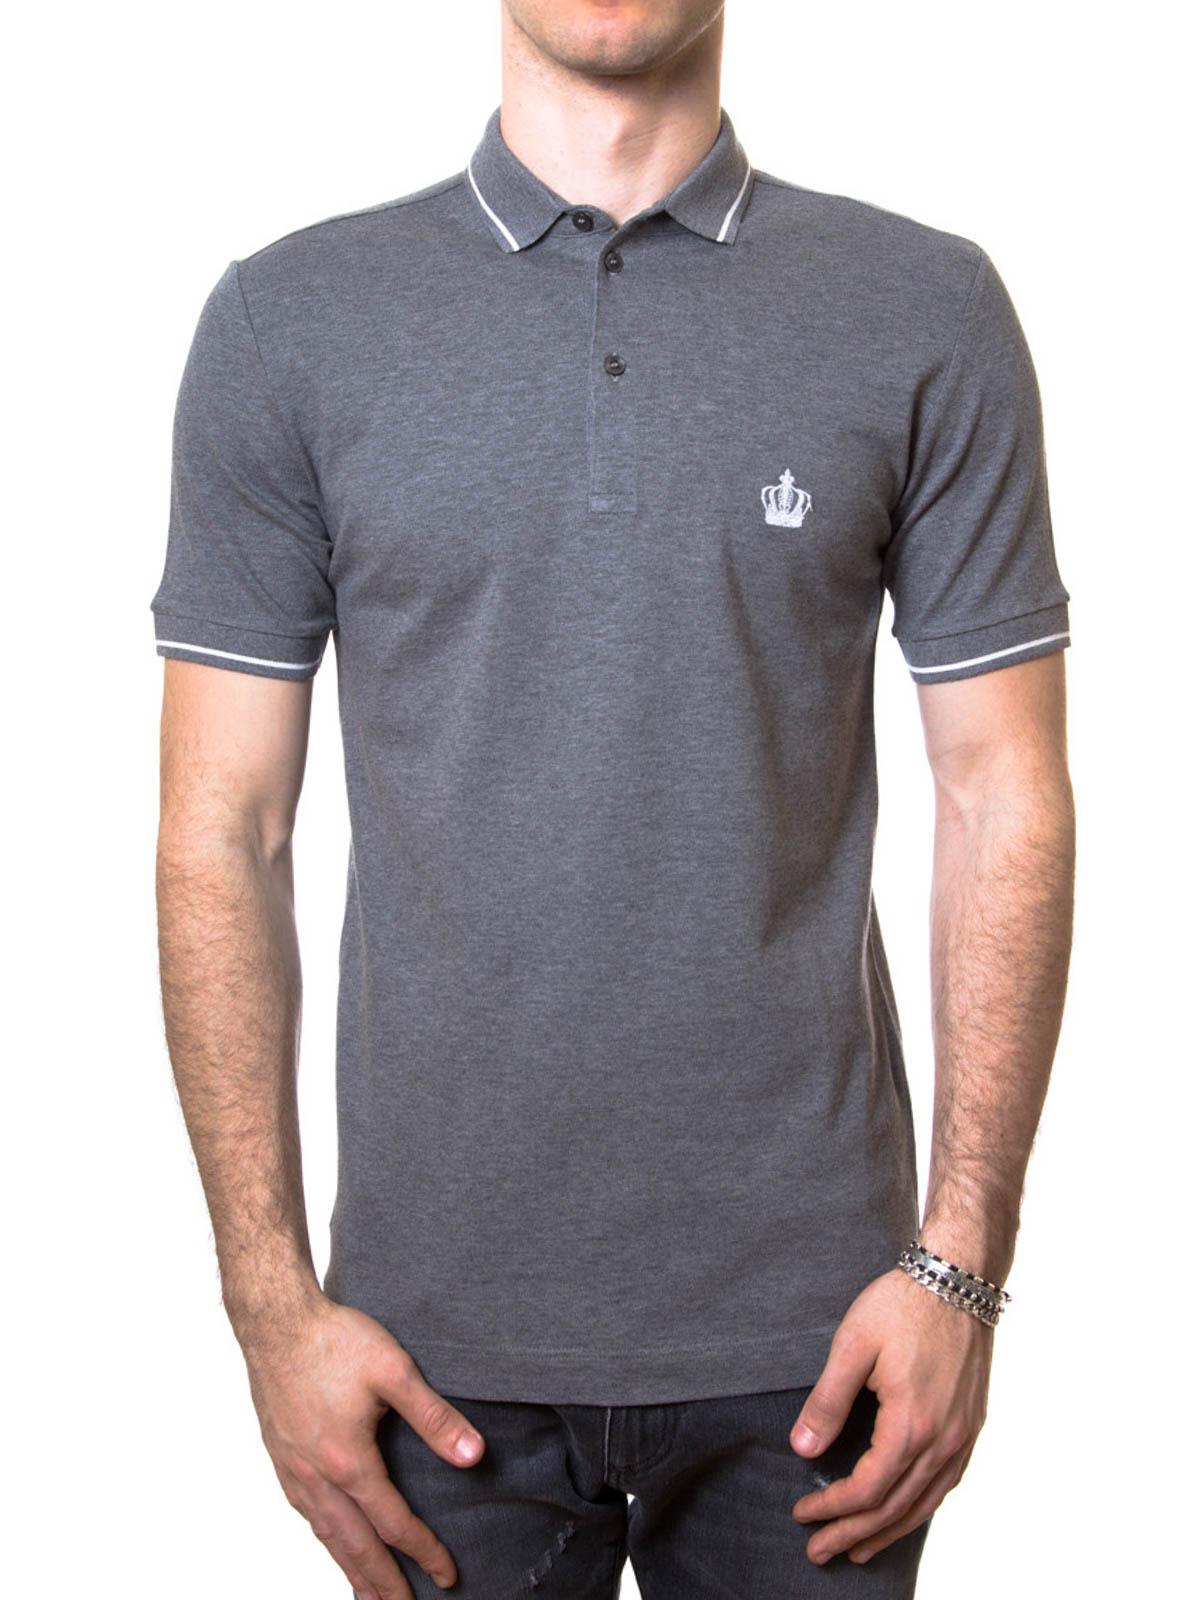 Burberry Shirt For Women